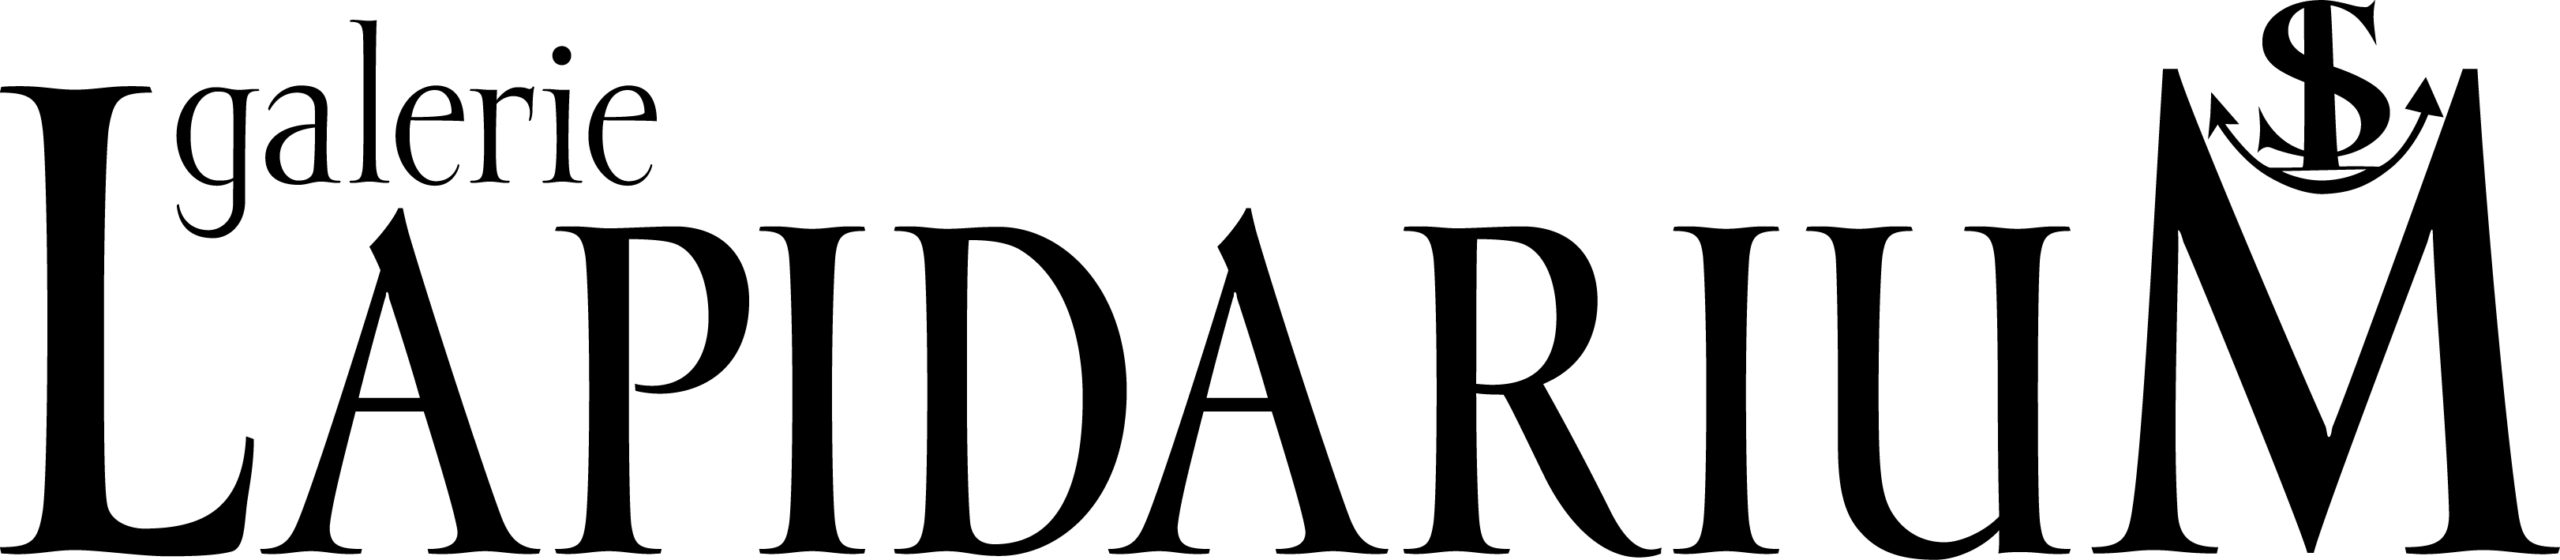 Galerie LAPIDARIUM Logo